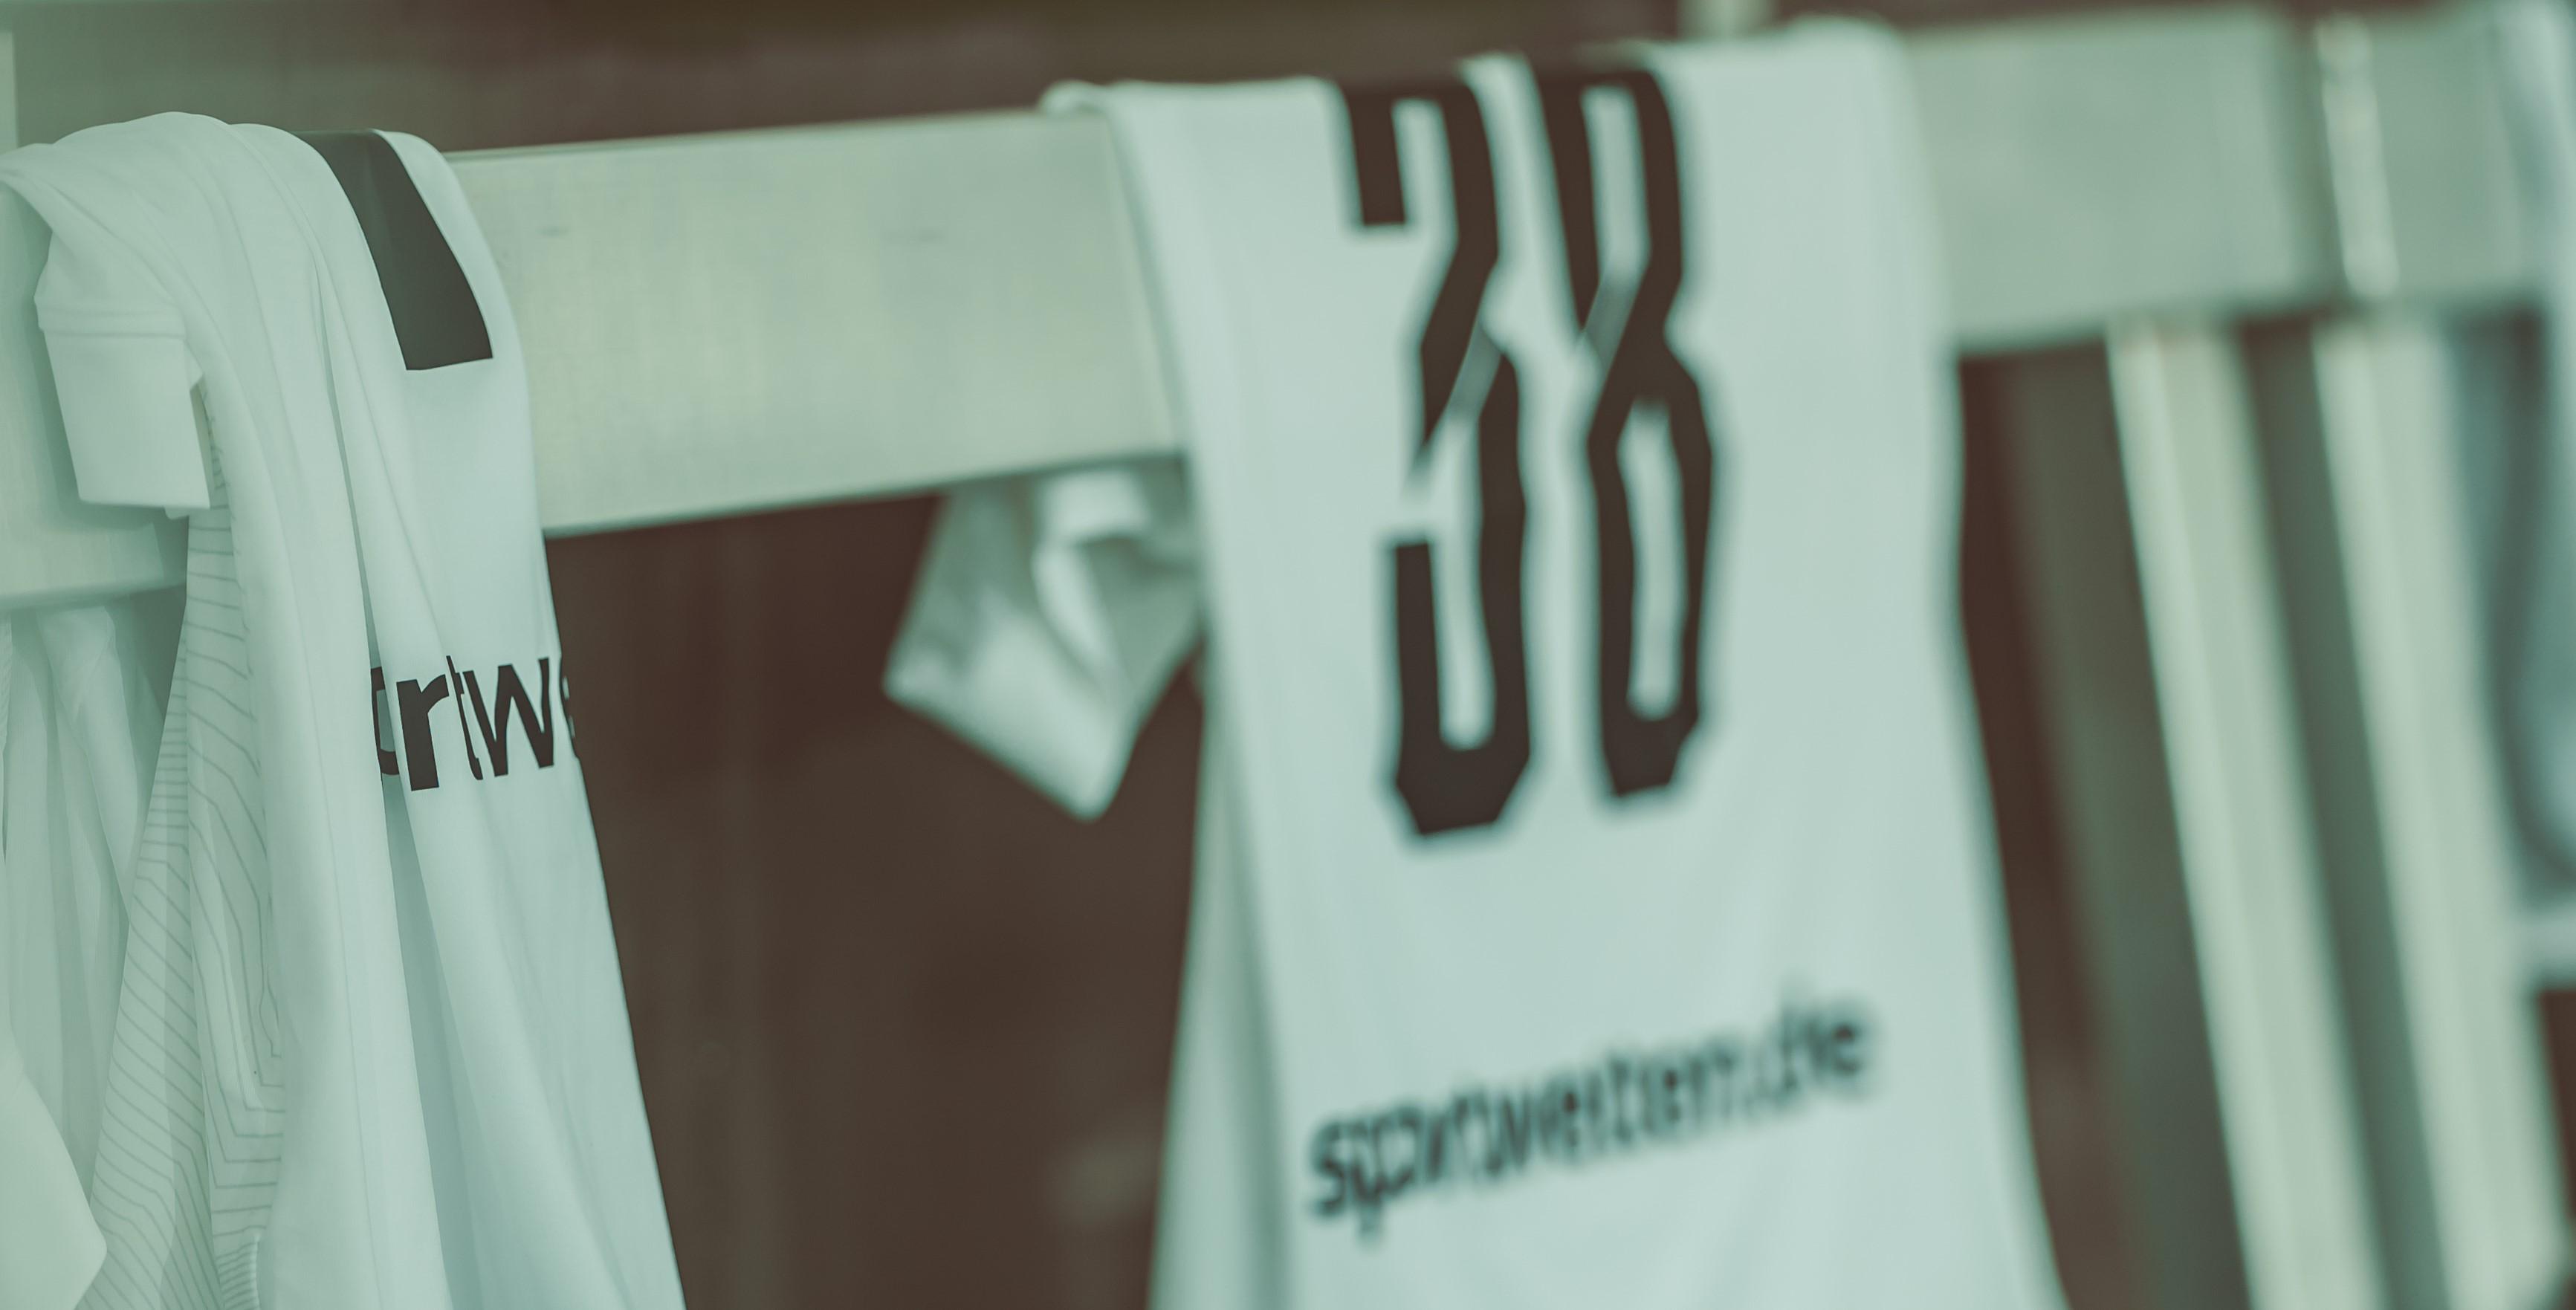 Gespanntes Warten, wie das Trikot wohl aussieht: Das brandneue Spieldress wird zum Duell gegen den SC Verl erstmals für Stadionbesucher erhältlich sein. (Foto: Fotojob Philipp)